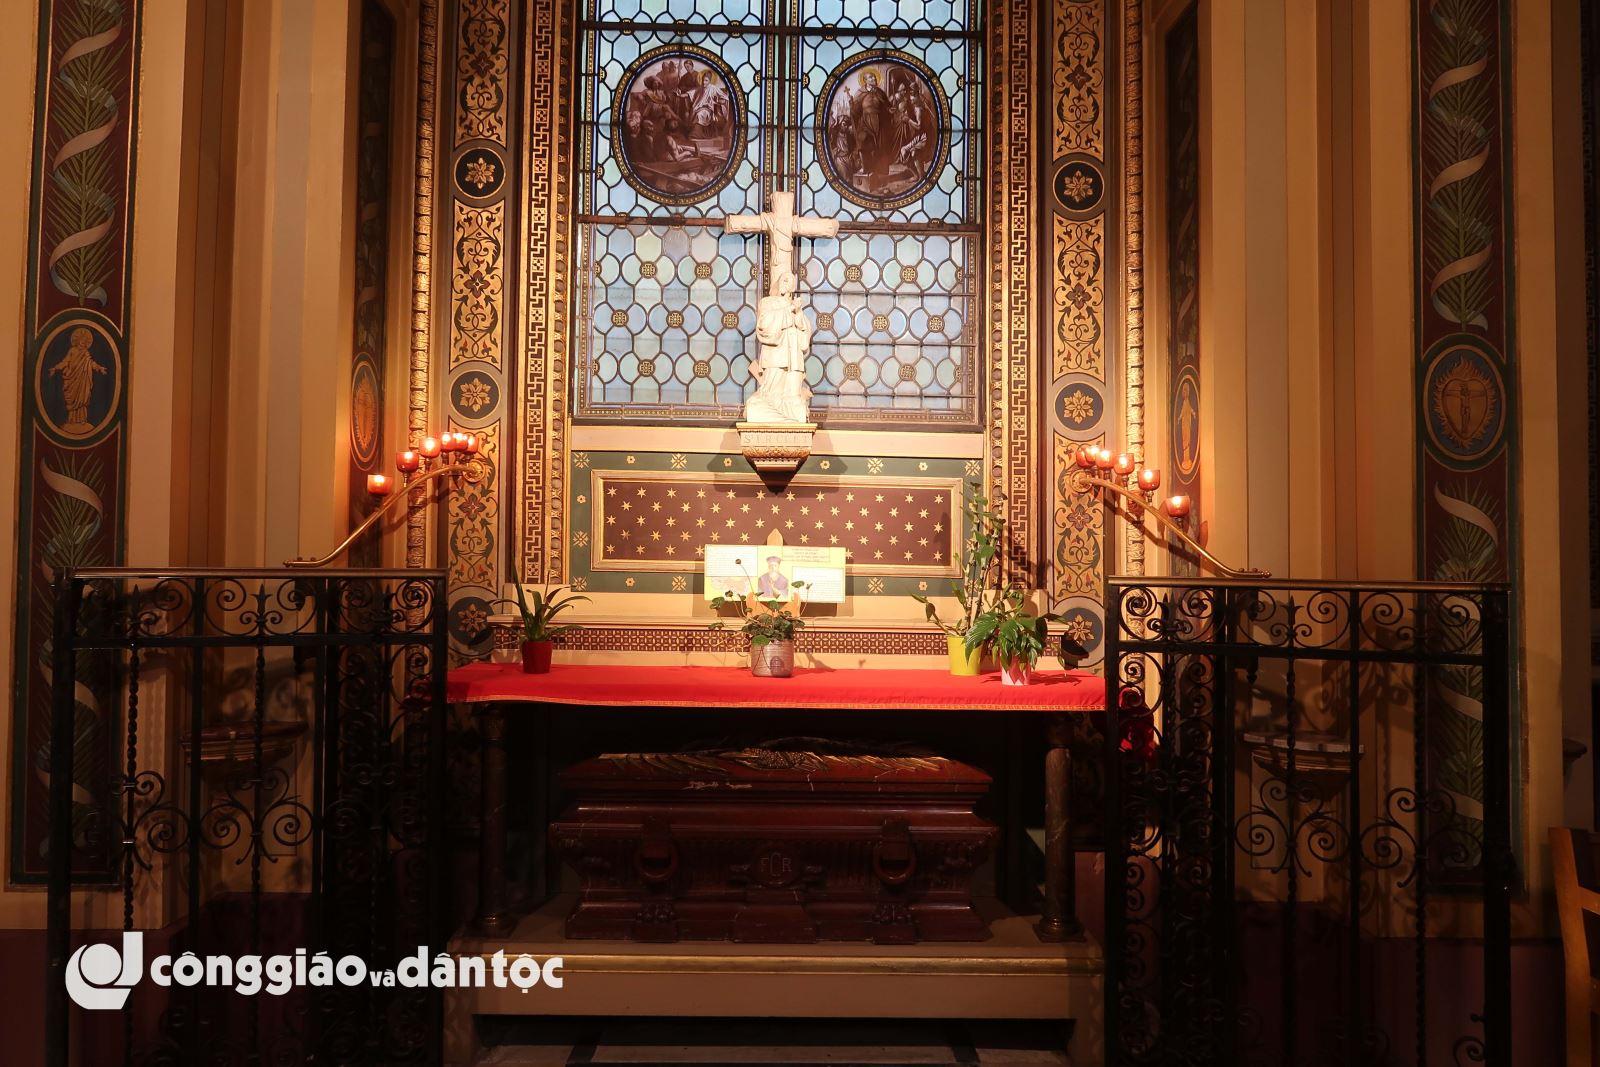 Viếng di hài thánh Vinh sơn Phaolô tại Paris - 14